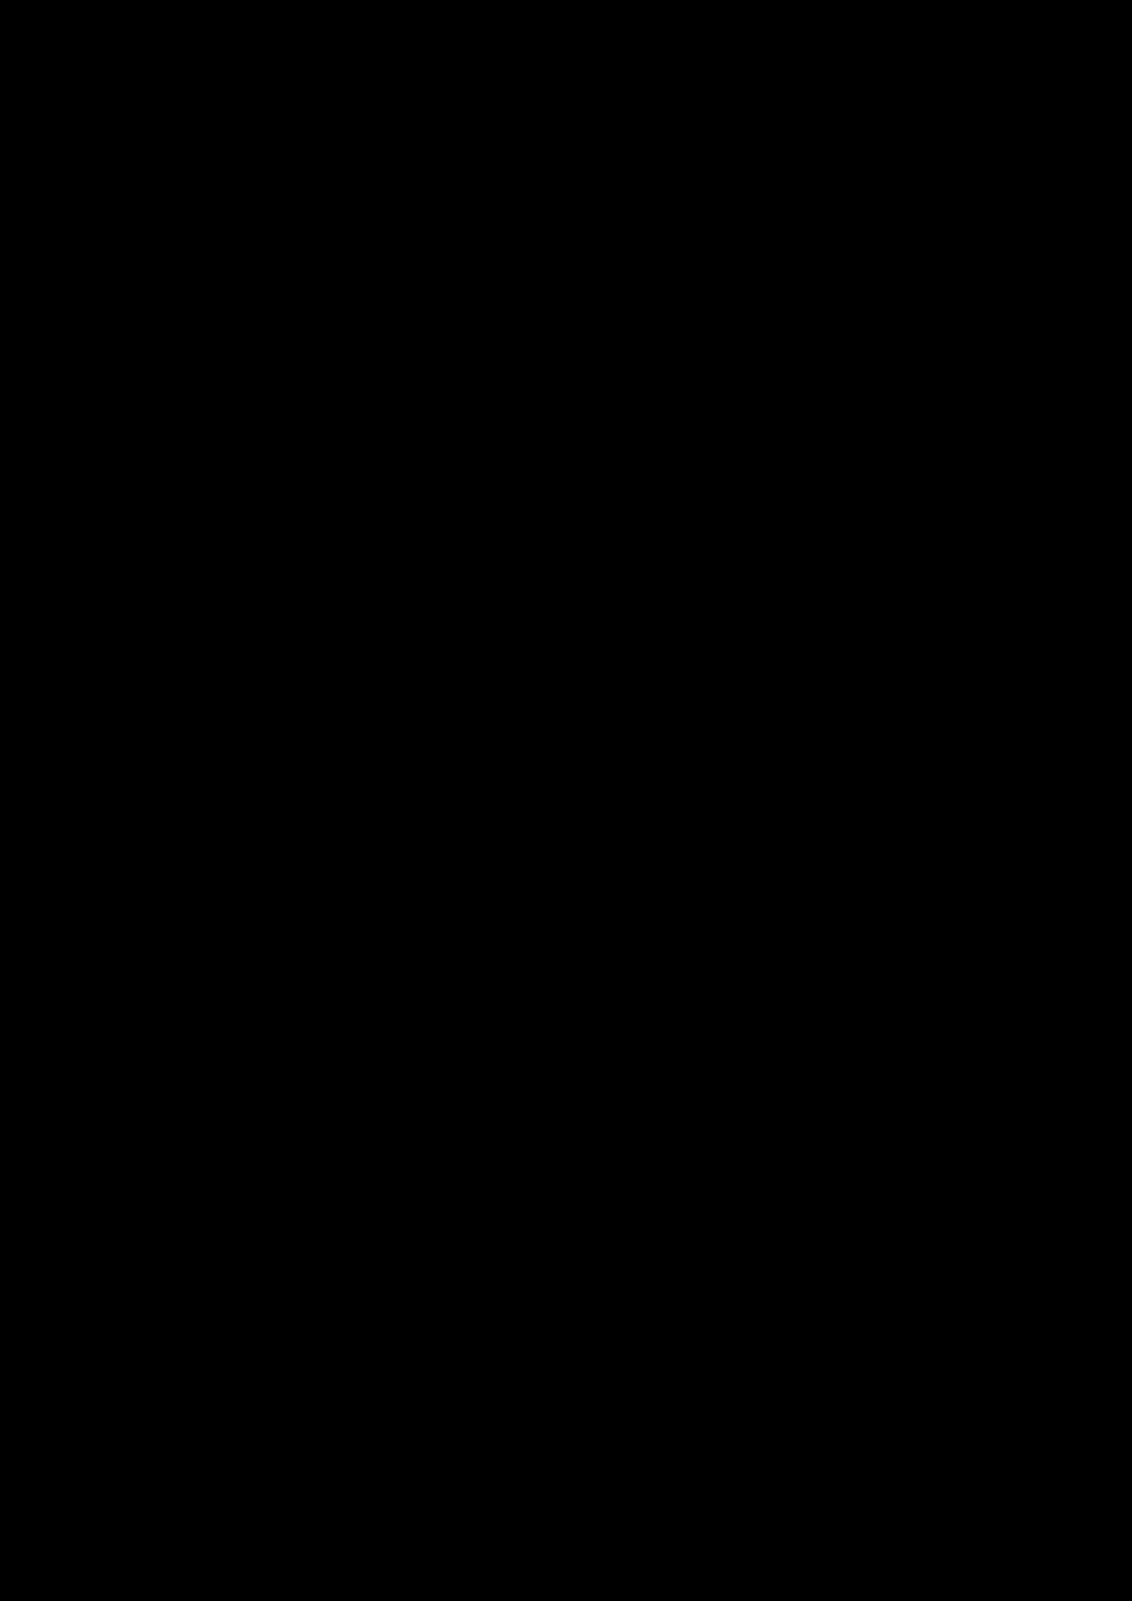 Zagadka volshebnoy stranyi slide, Image 149